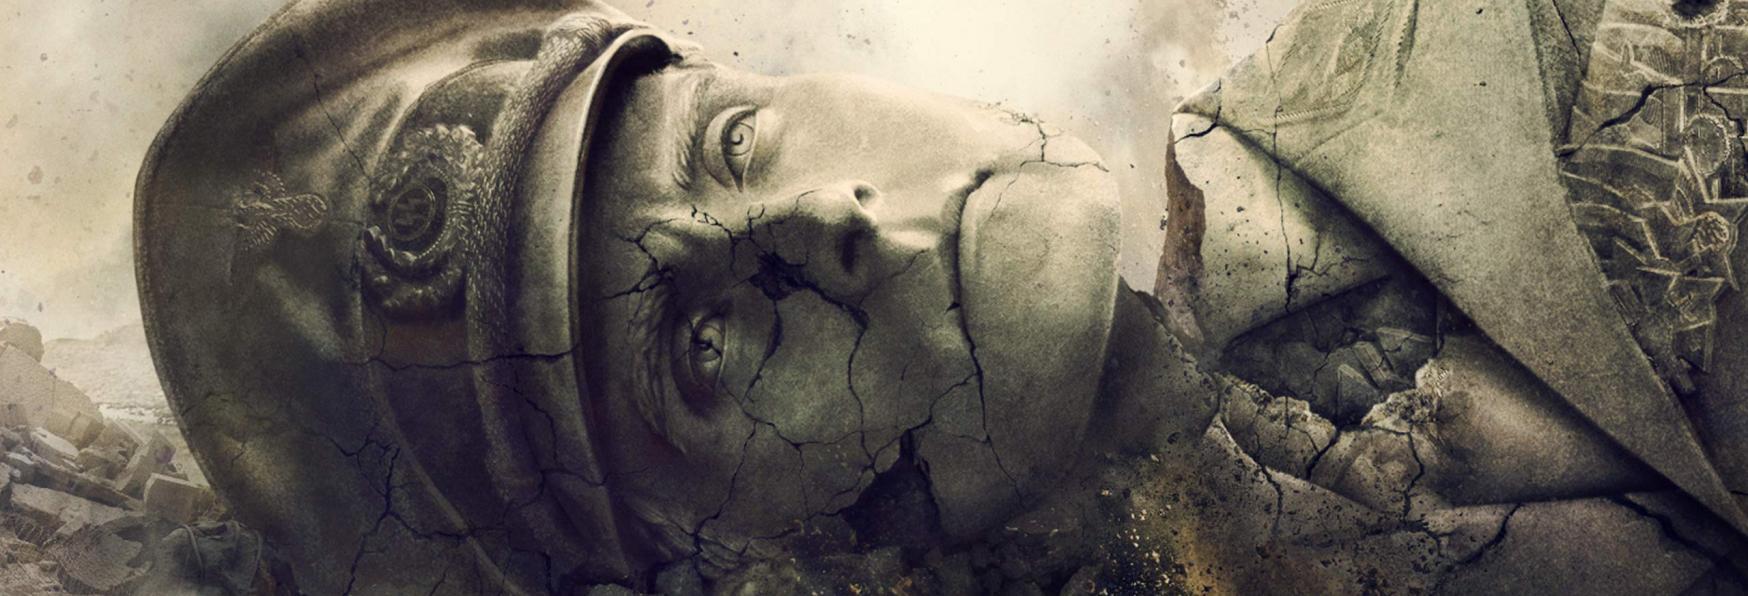 The Man in the High Castle: l'incredibile Trailer della 4° e Ultima Stagione della Serie TV